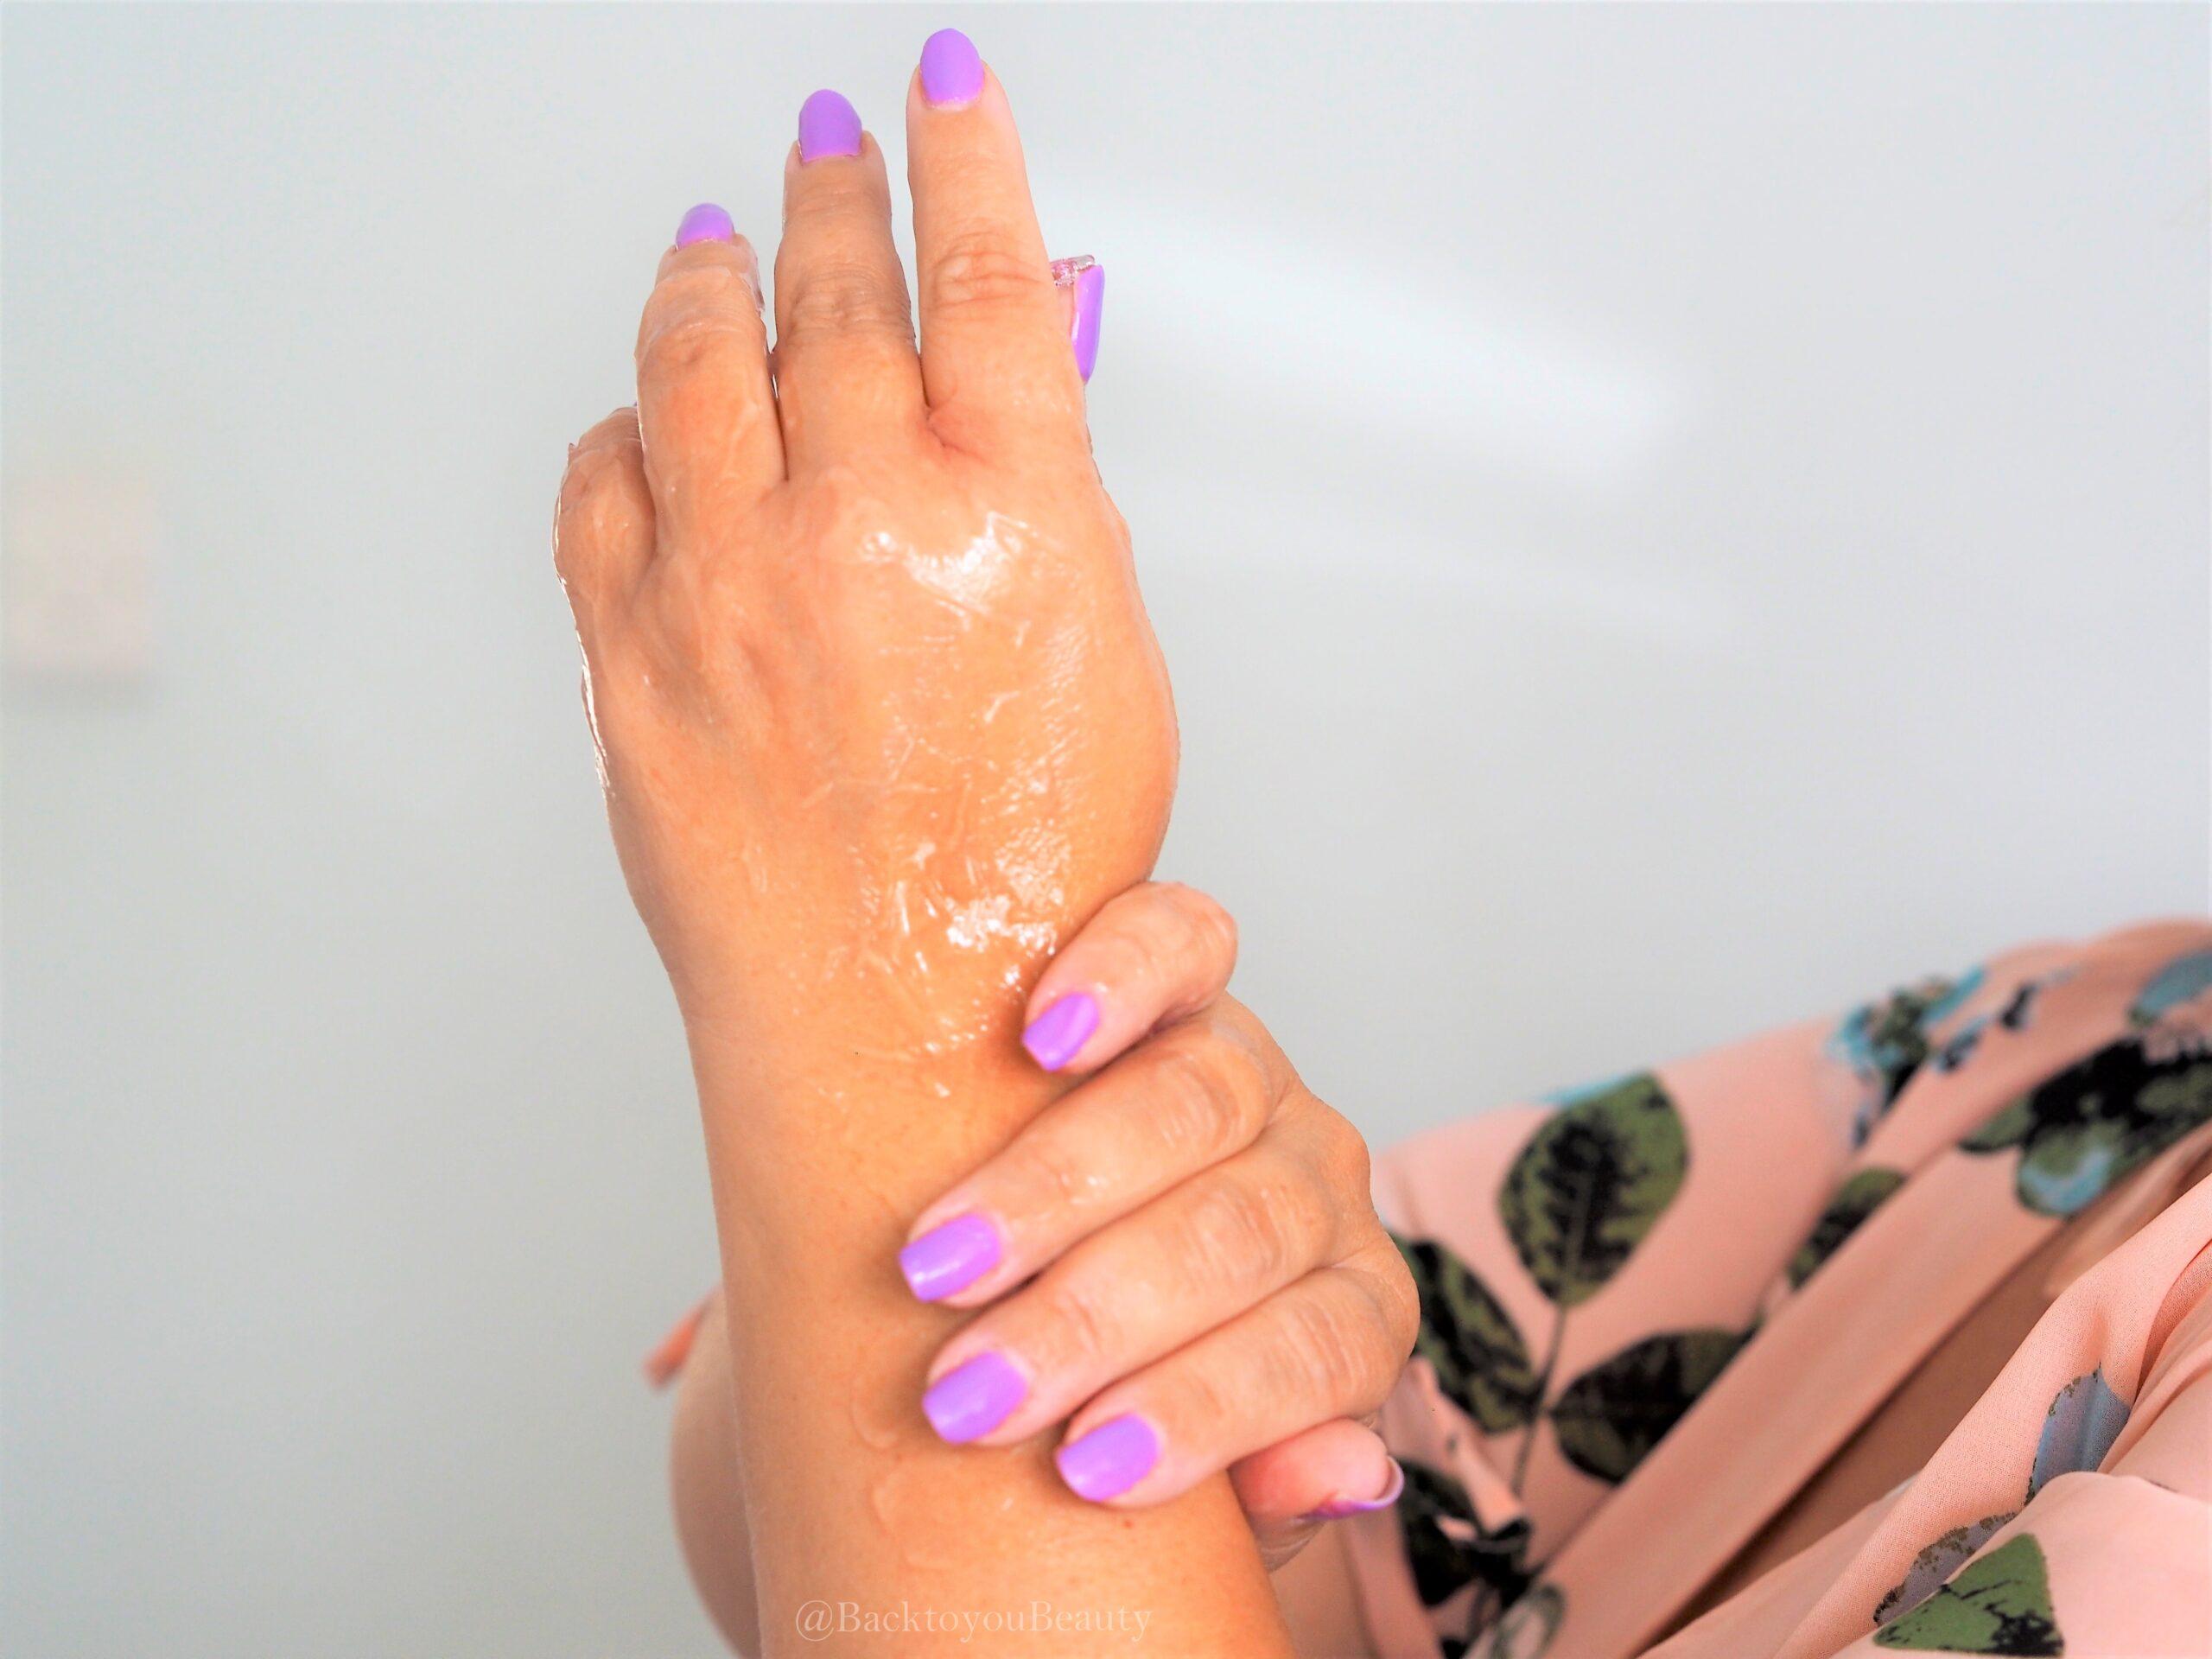 massaging in Hydra Collagen gel